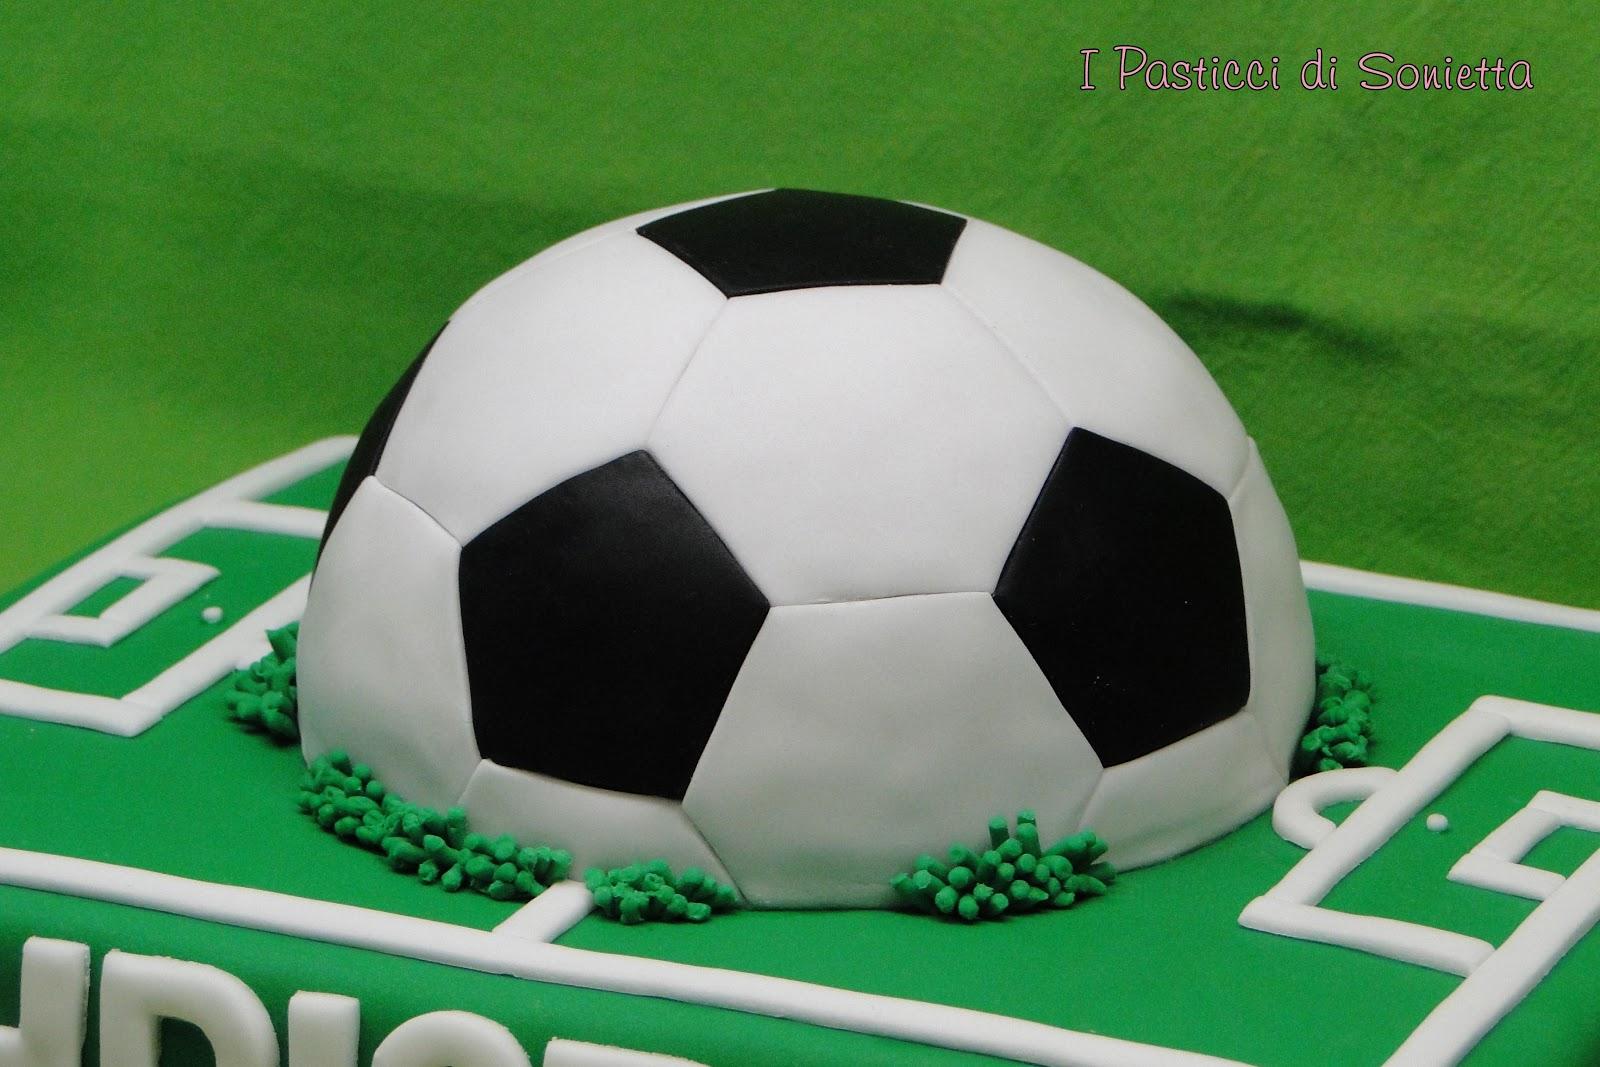 I pasticci di sonietta torta campo da calcio con pallone - Pagina da colorare di un pallone da calcio ...